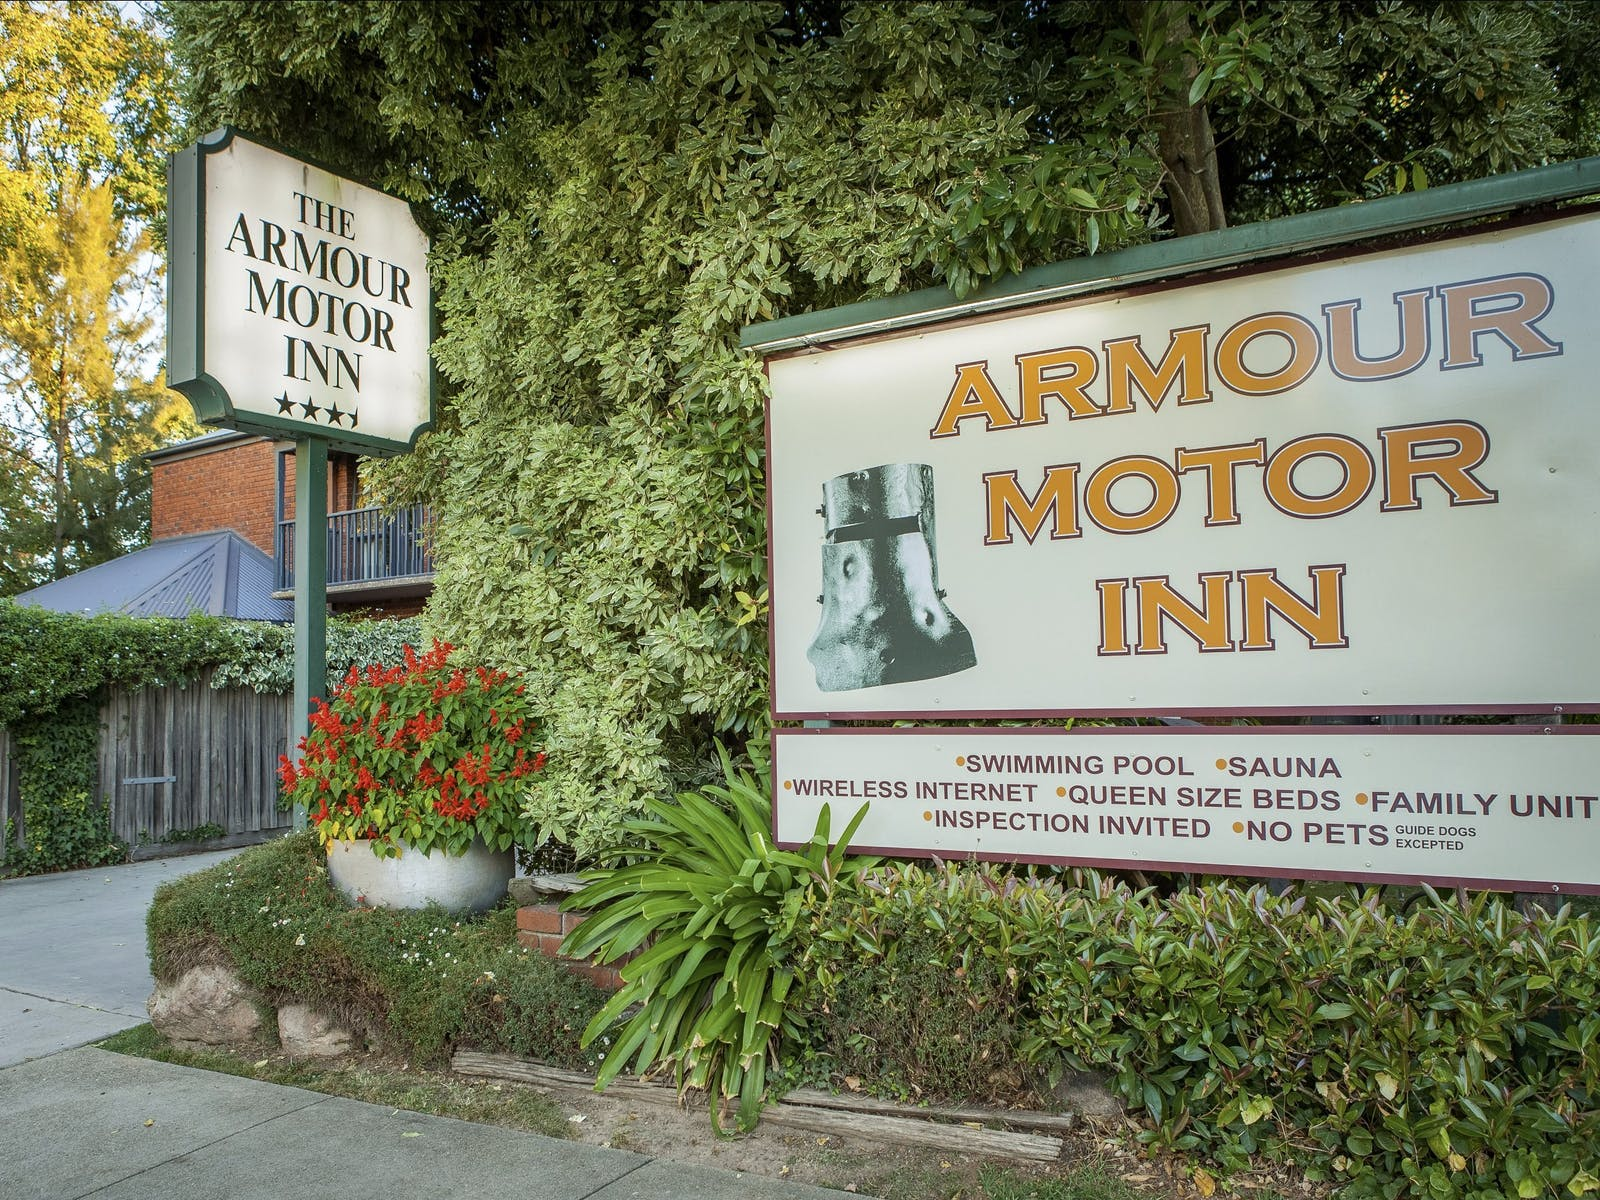 Armour Motor Inn